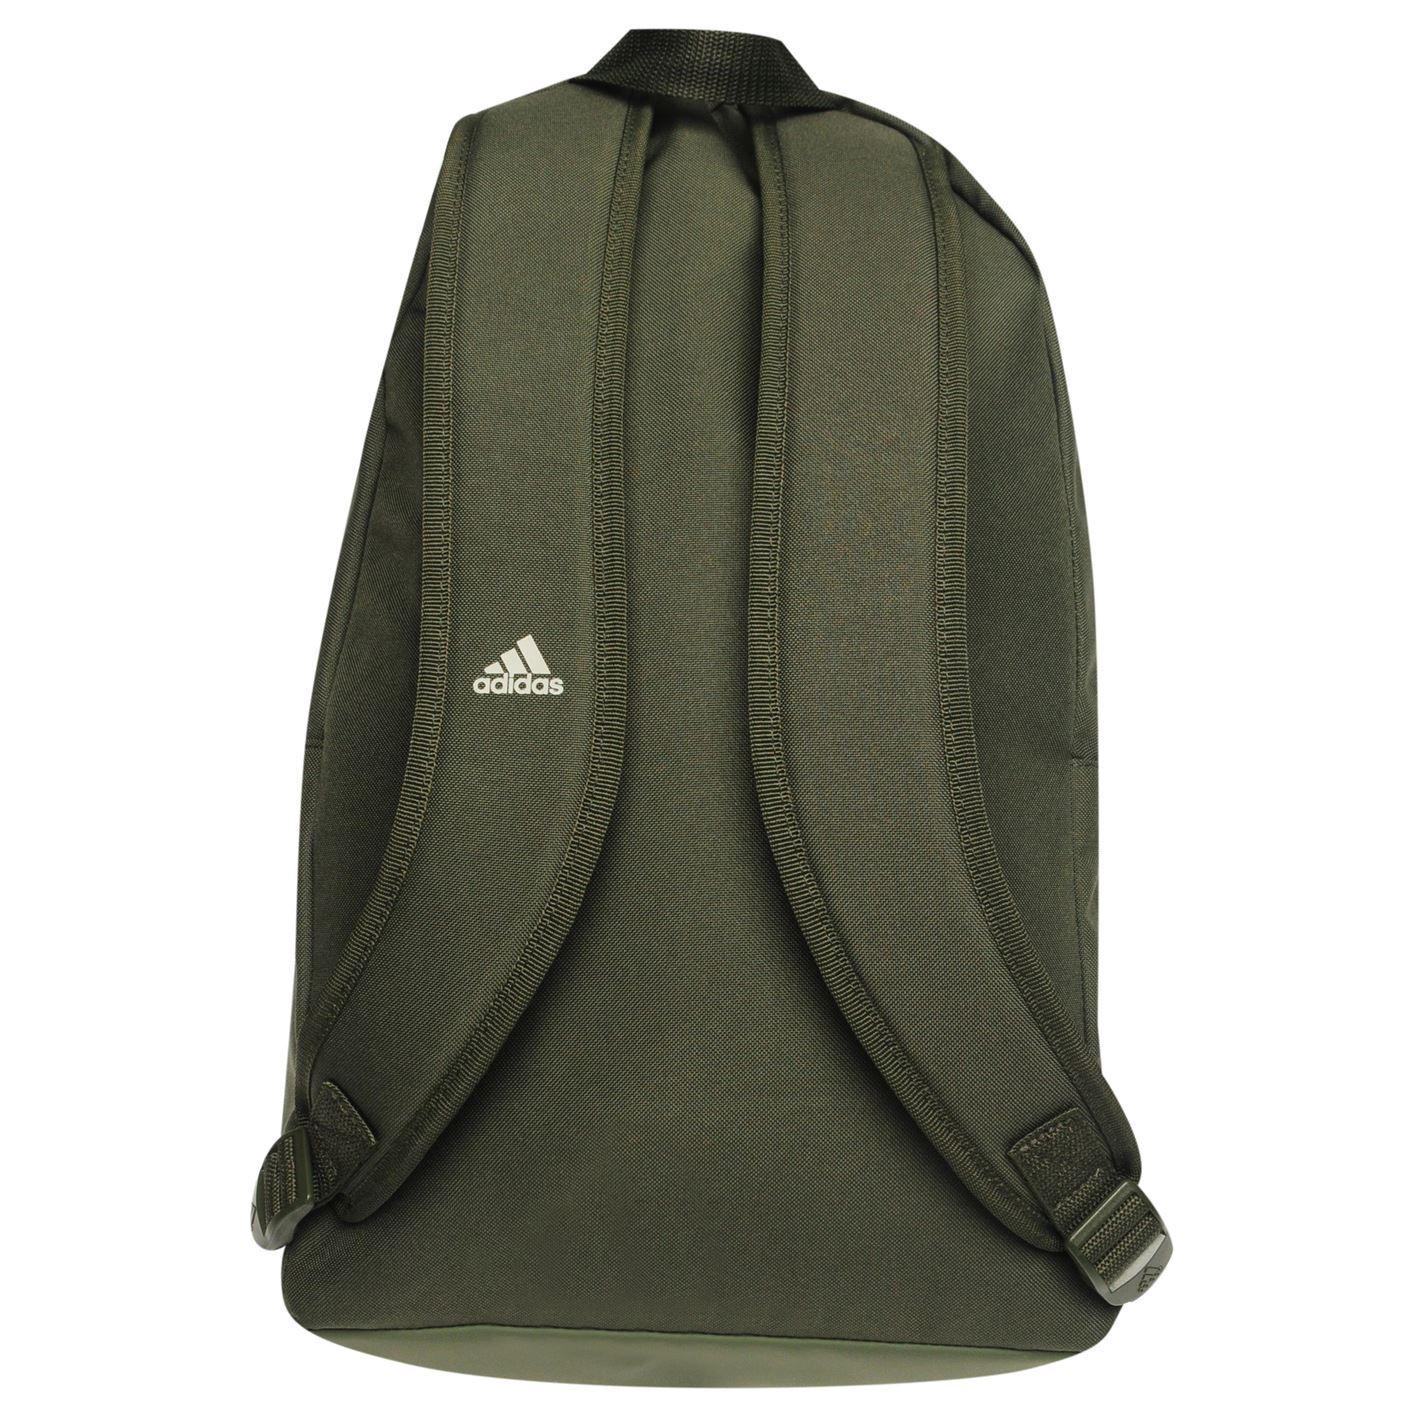 9a90acdaf6 adidas Classic Backpack Green Rucksack Daypack Bag | eBay